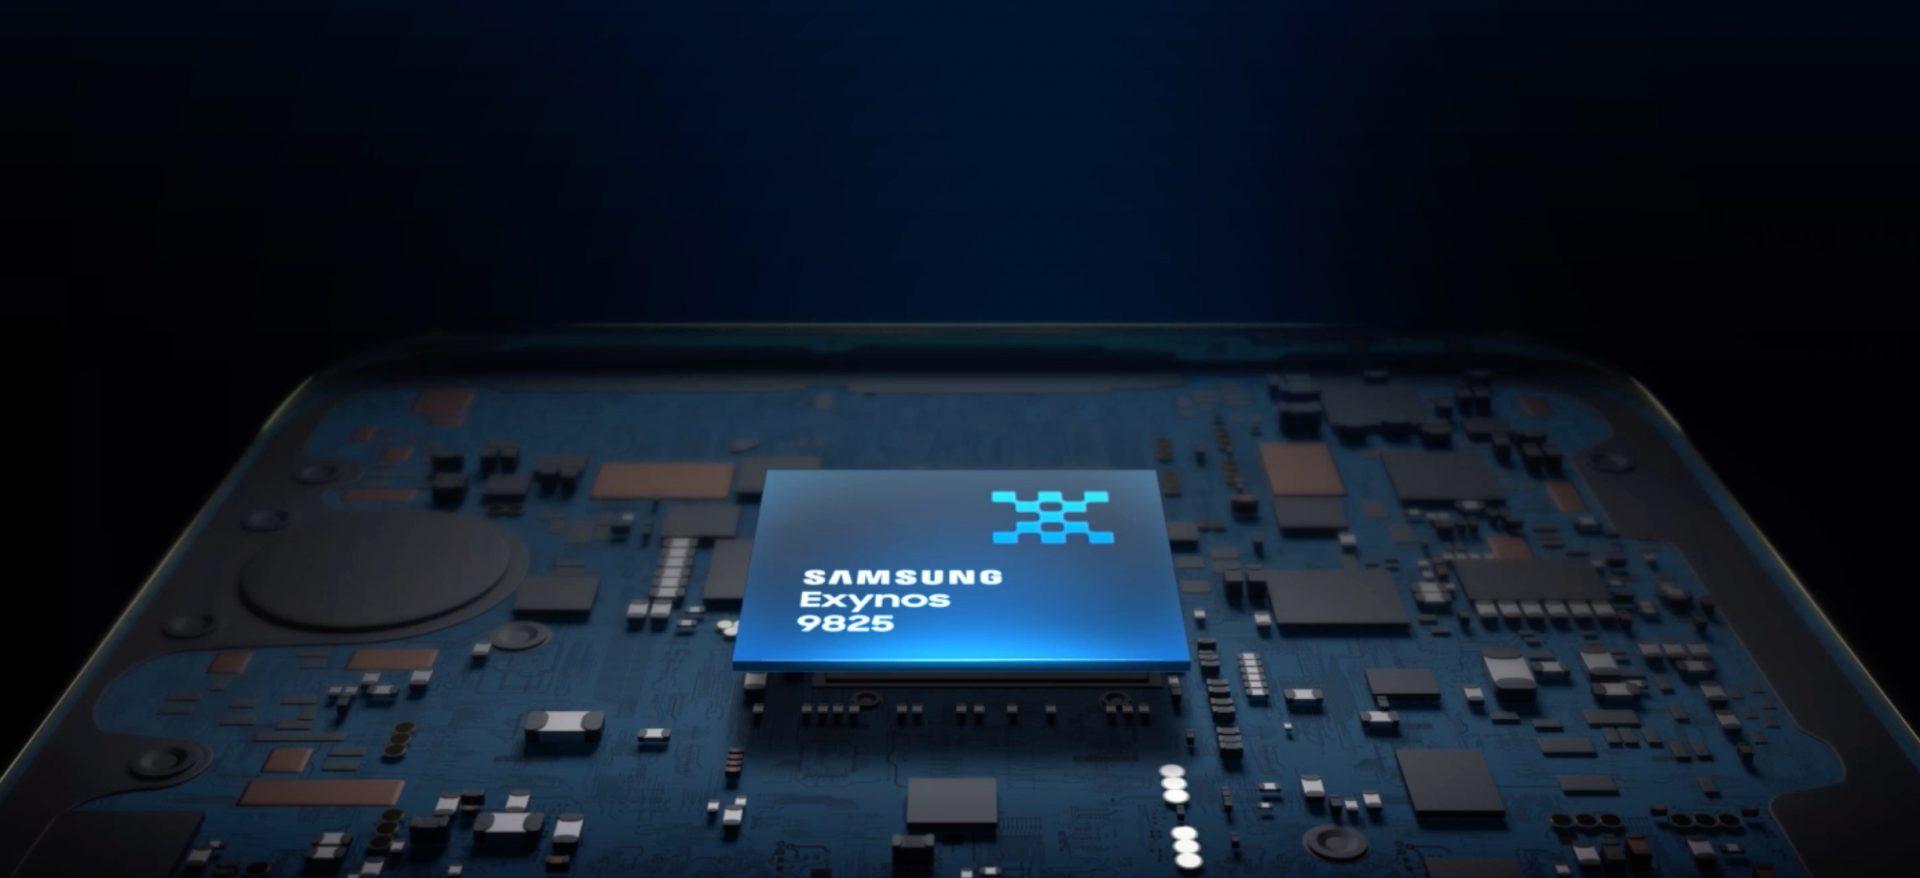 Samsung Exynos 9825 chính thức ra mắt với quy trình 7nm EUV đầu tiên